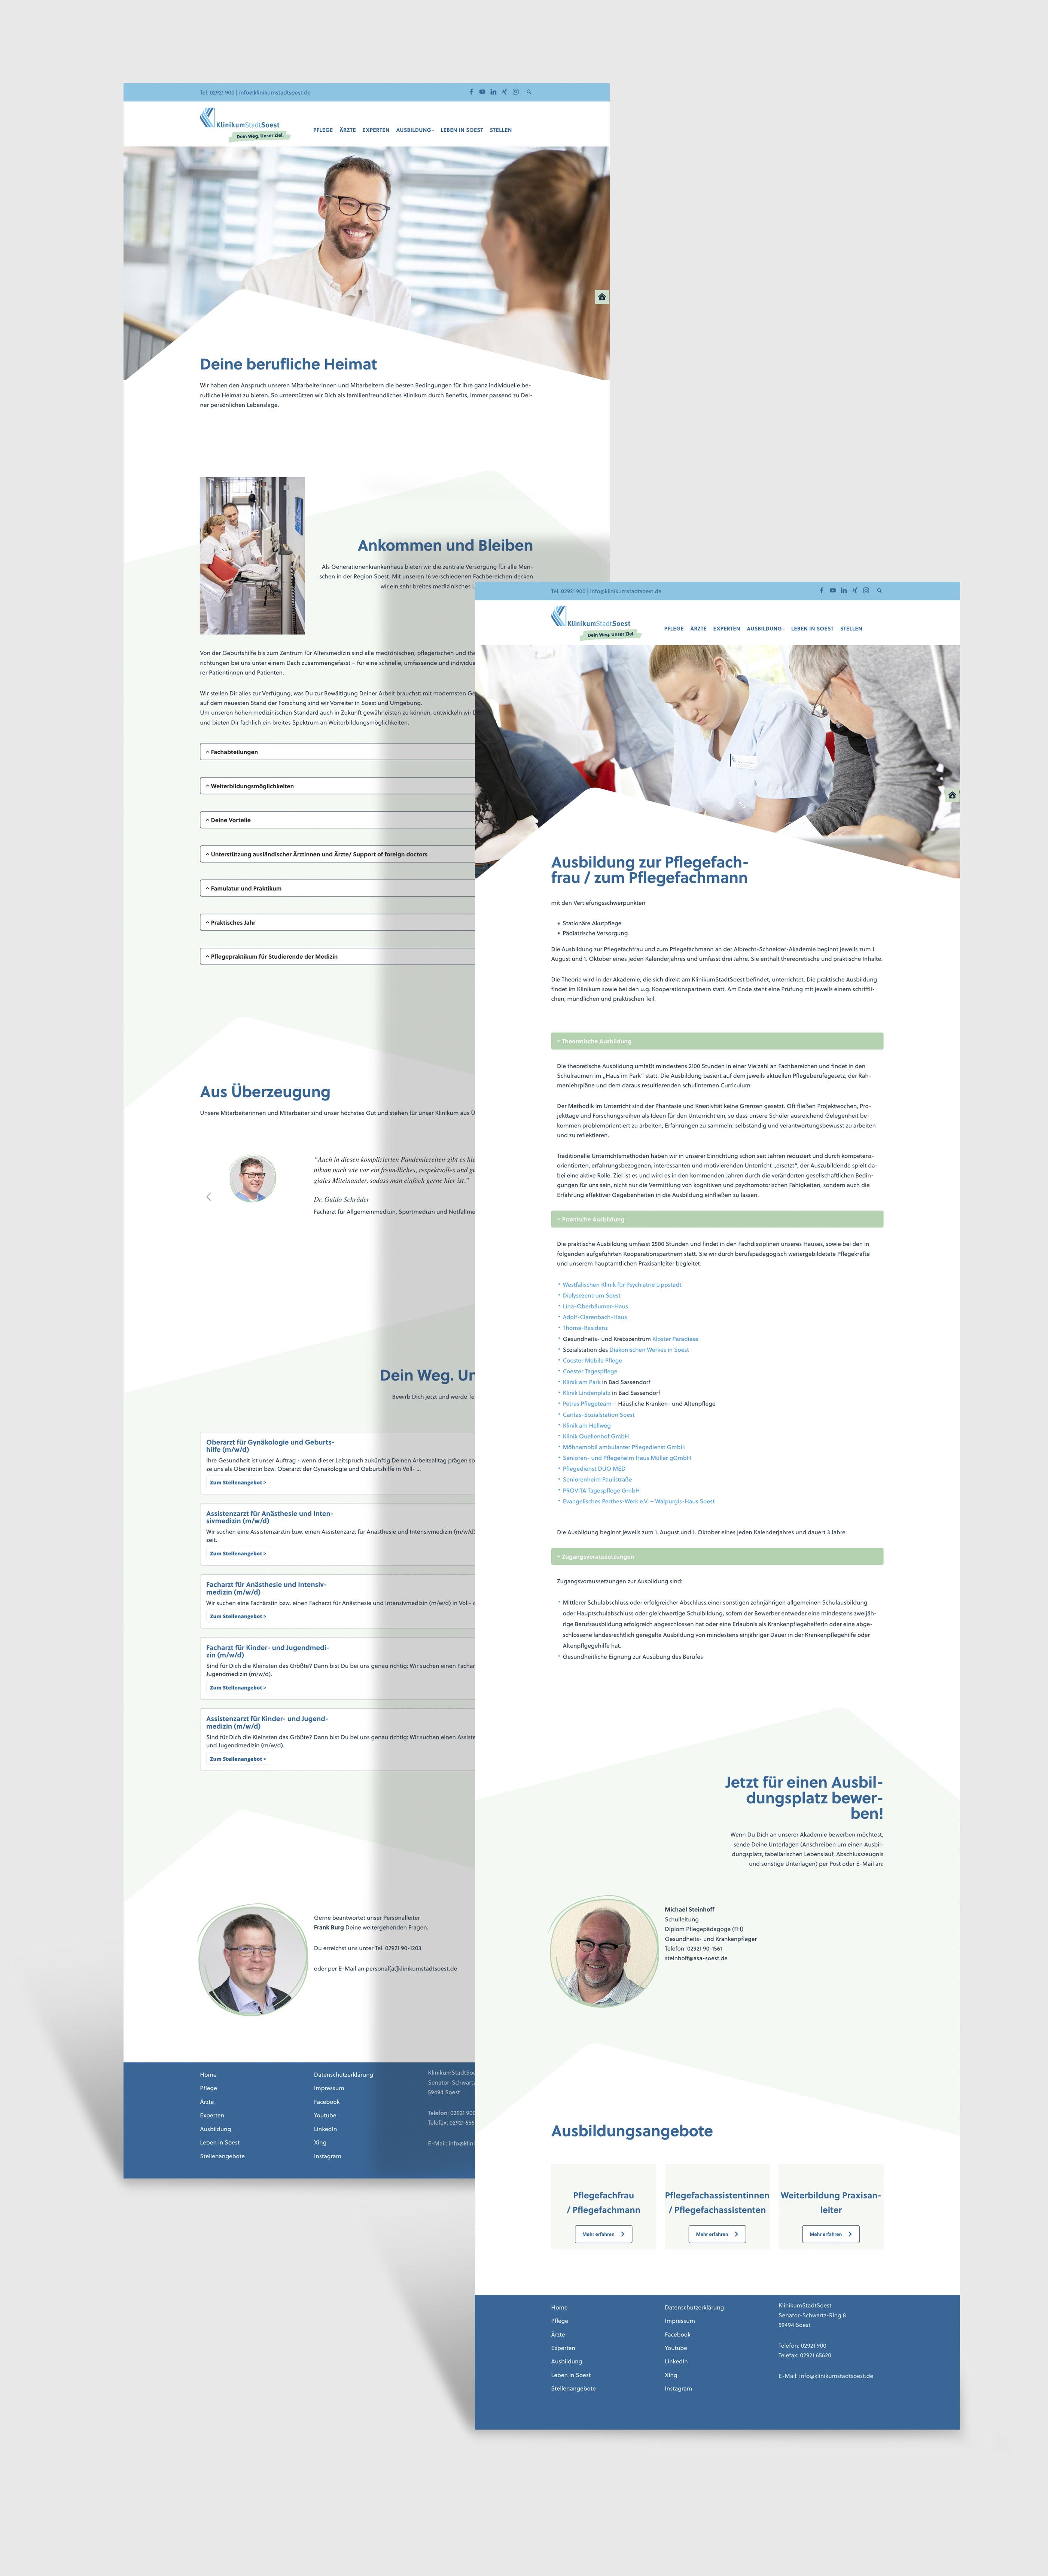 Webdesign für die Karrierewebsite des Klinikums der Stadt Soest